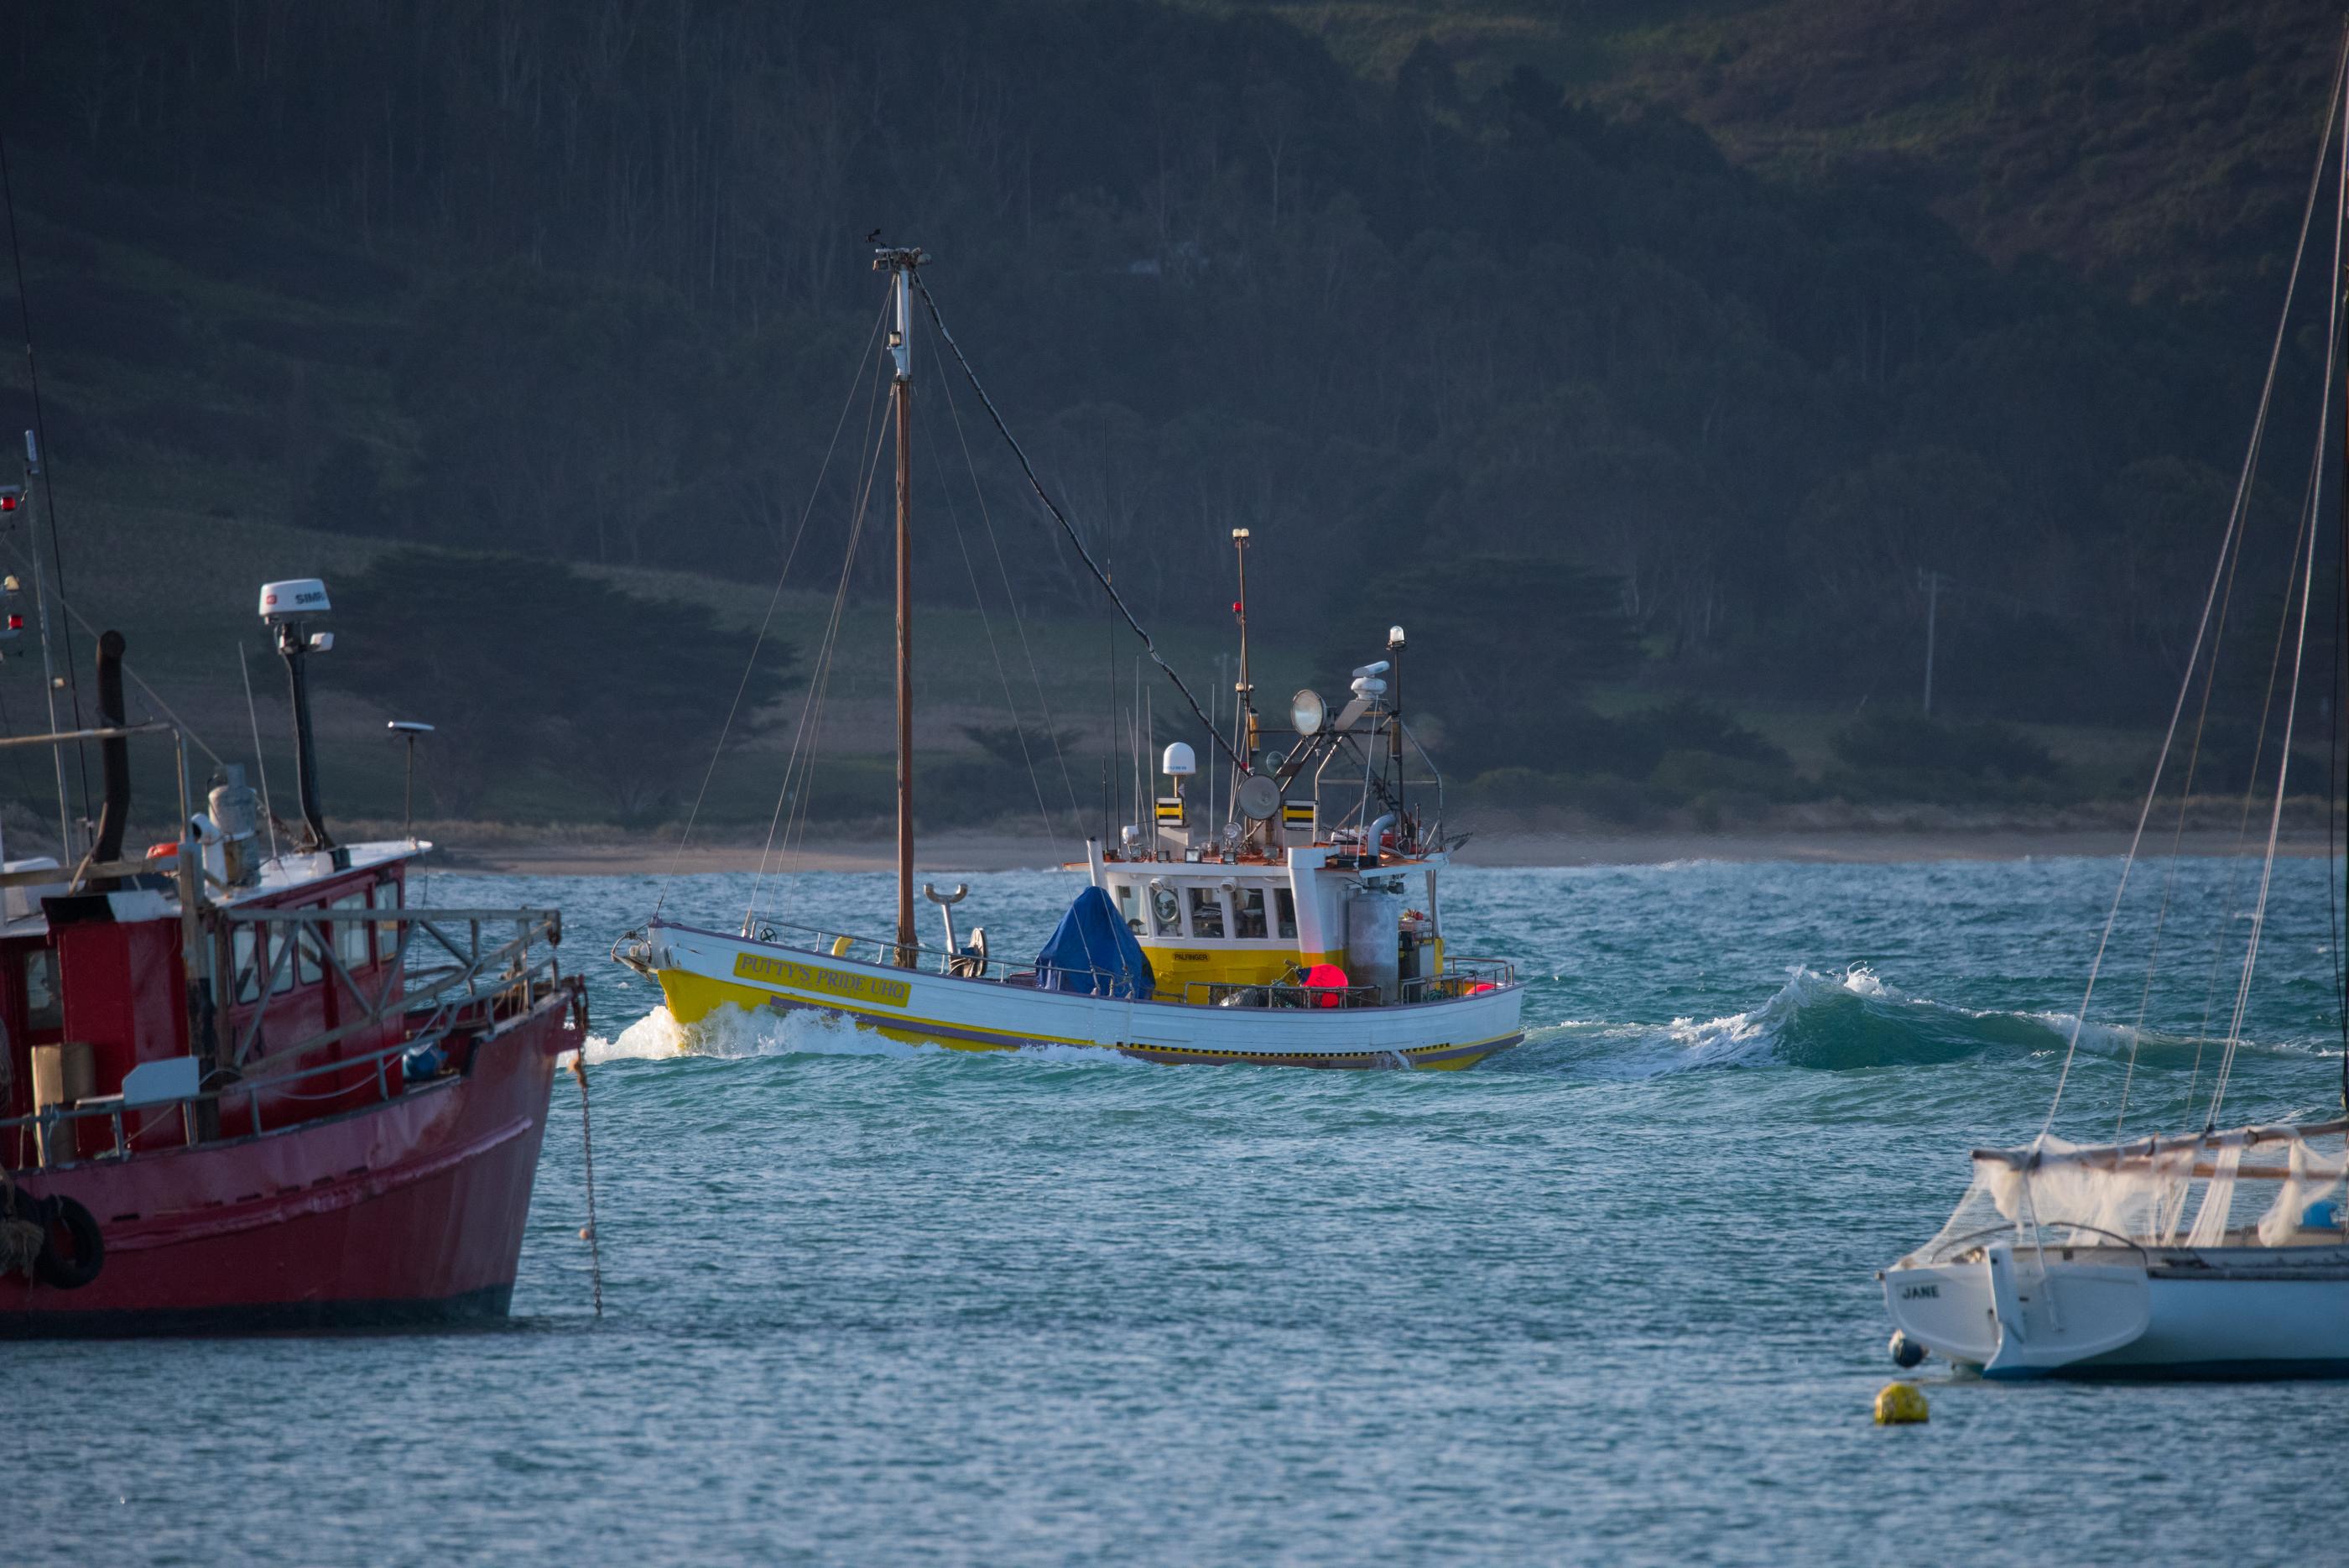 John Langmead_Fishing boat & birds_6158_20180802_Online